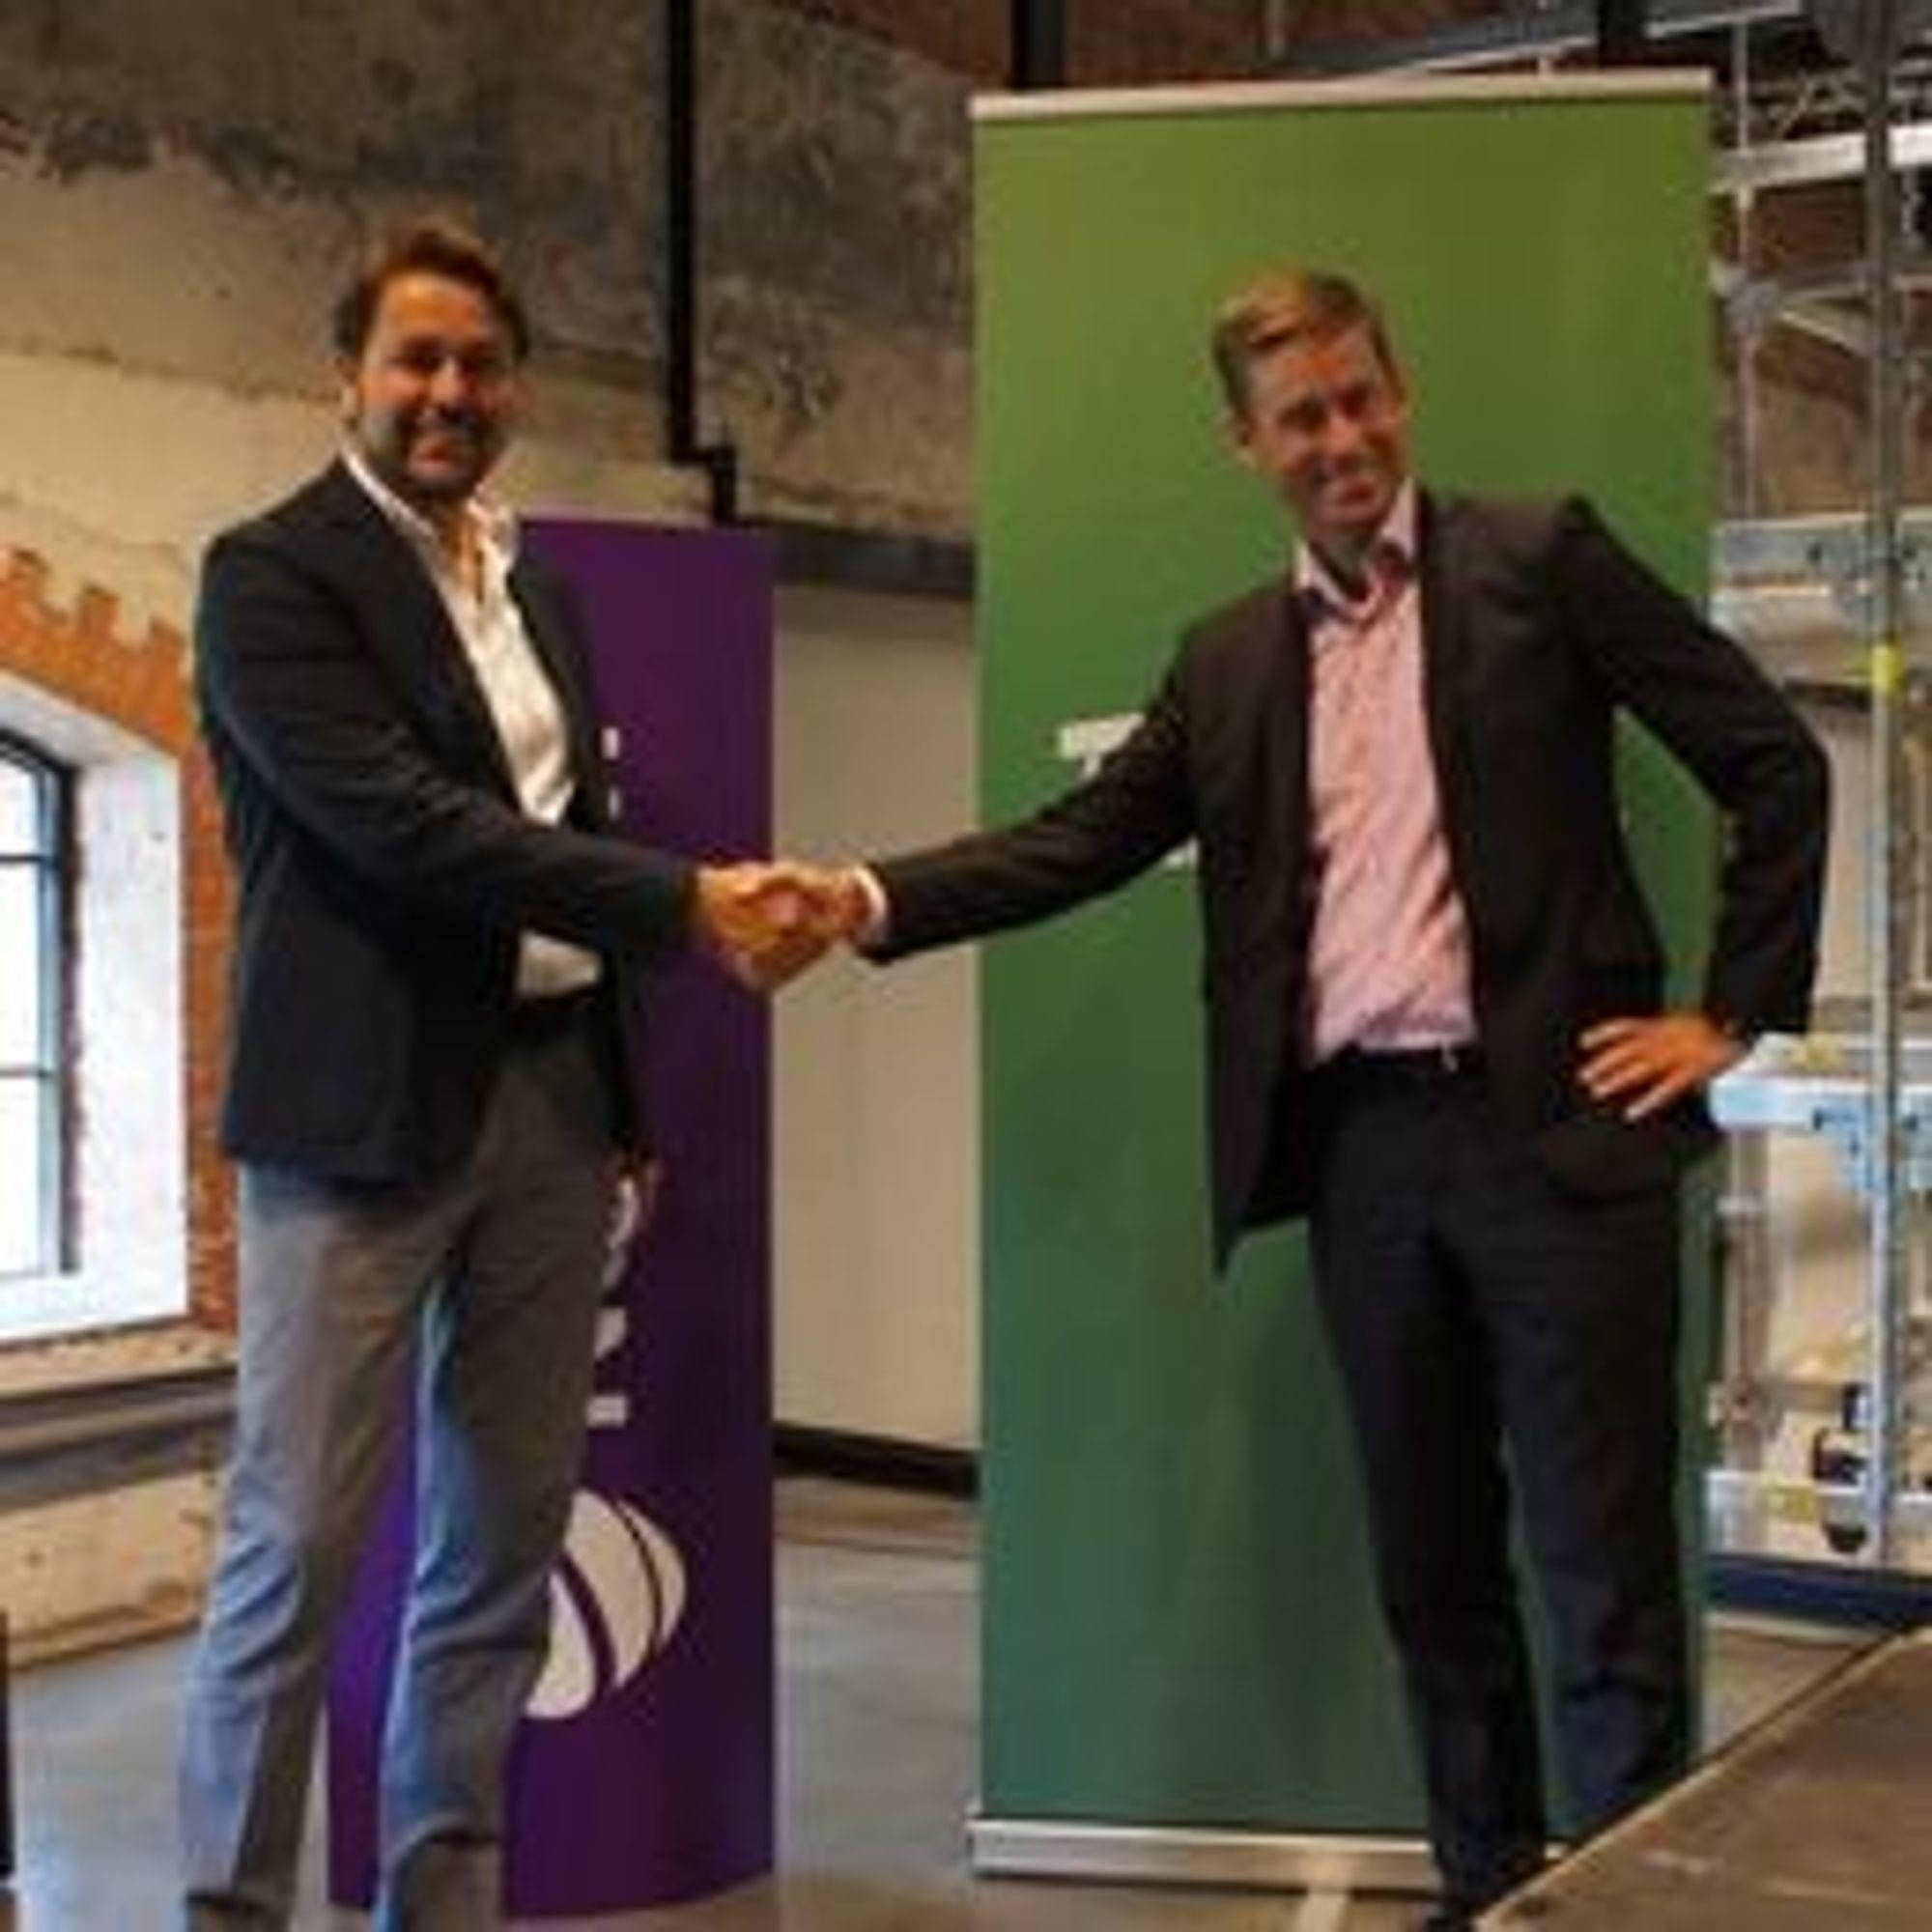 LIMBO: Arild Hustad i Tele2 og August Baumann i Netcom må fortsatt vente i spenning. Bildet er fra 7. juli da de varslet fusjonen.